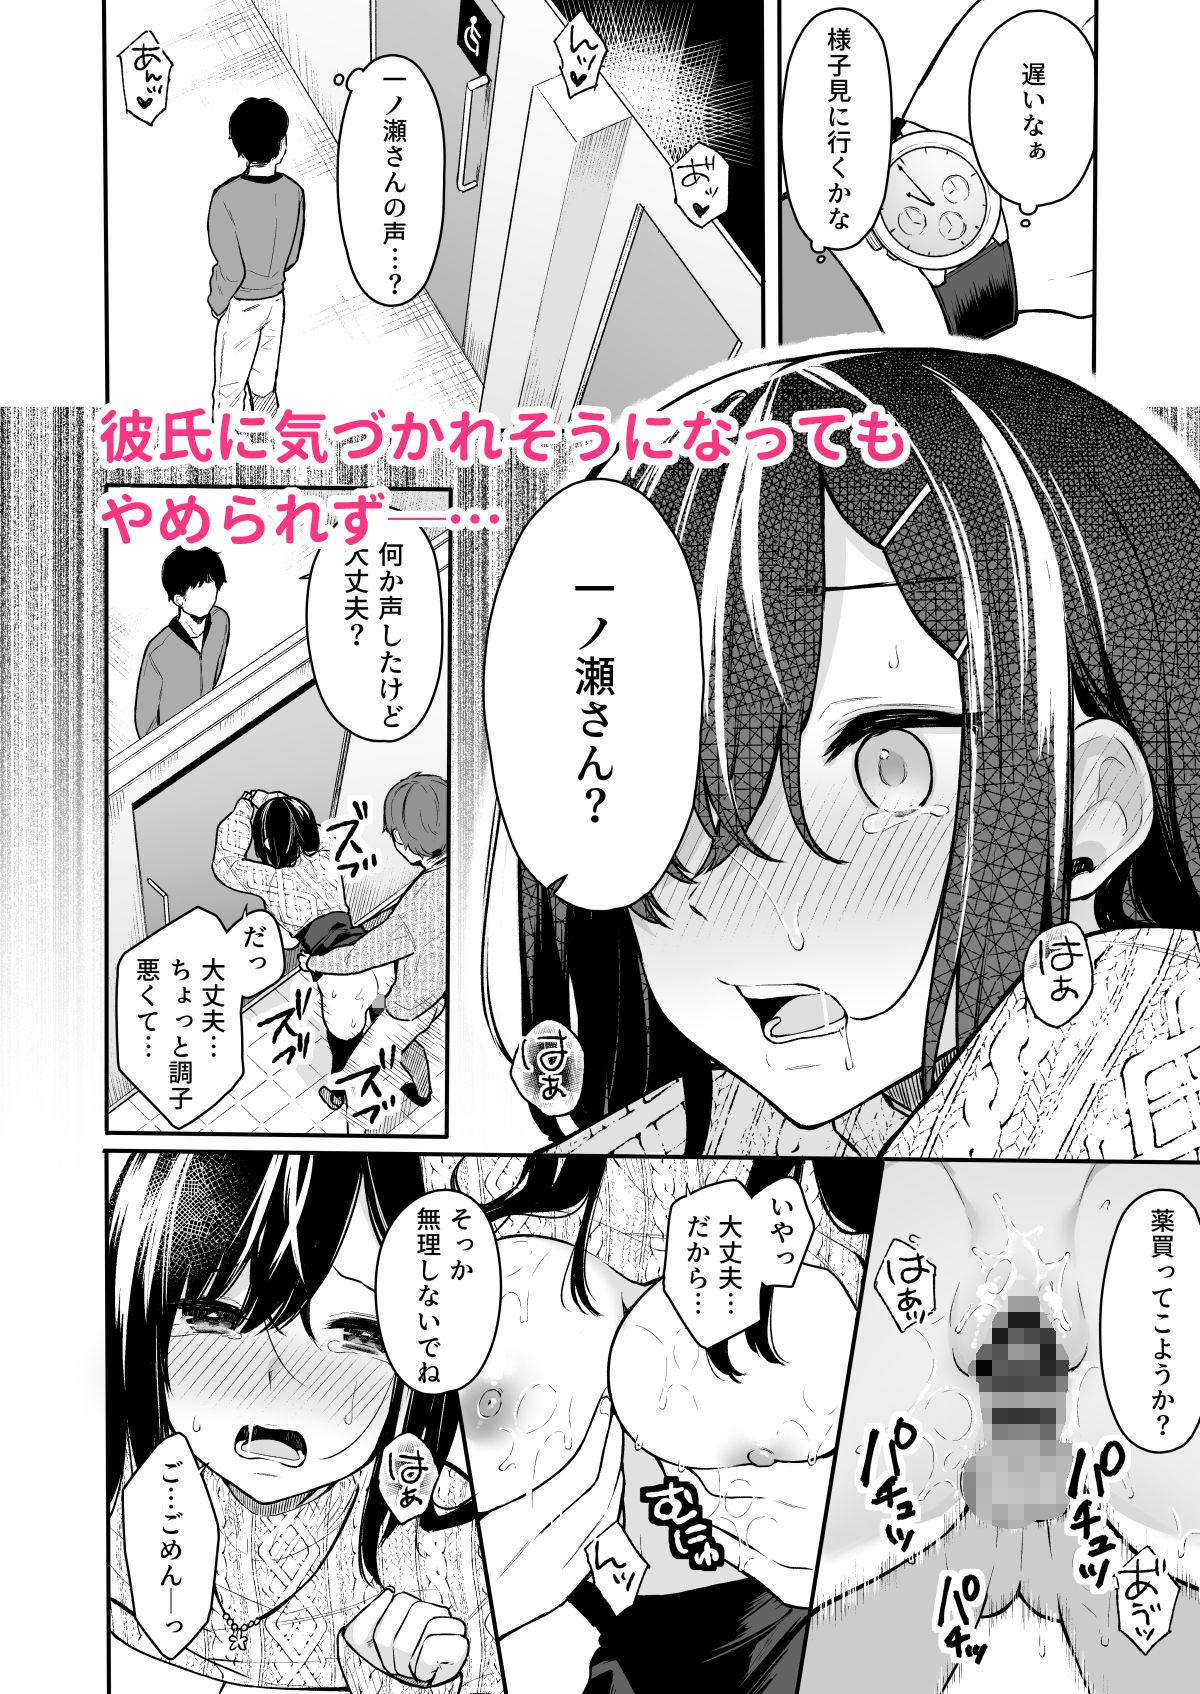 イトムスビ-vol.2-の無料試し読み2